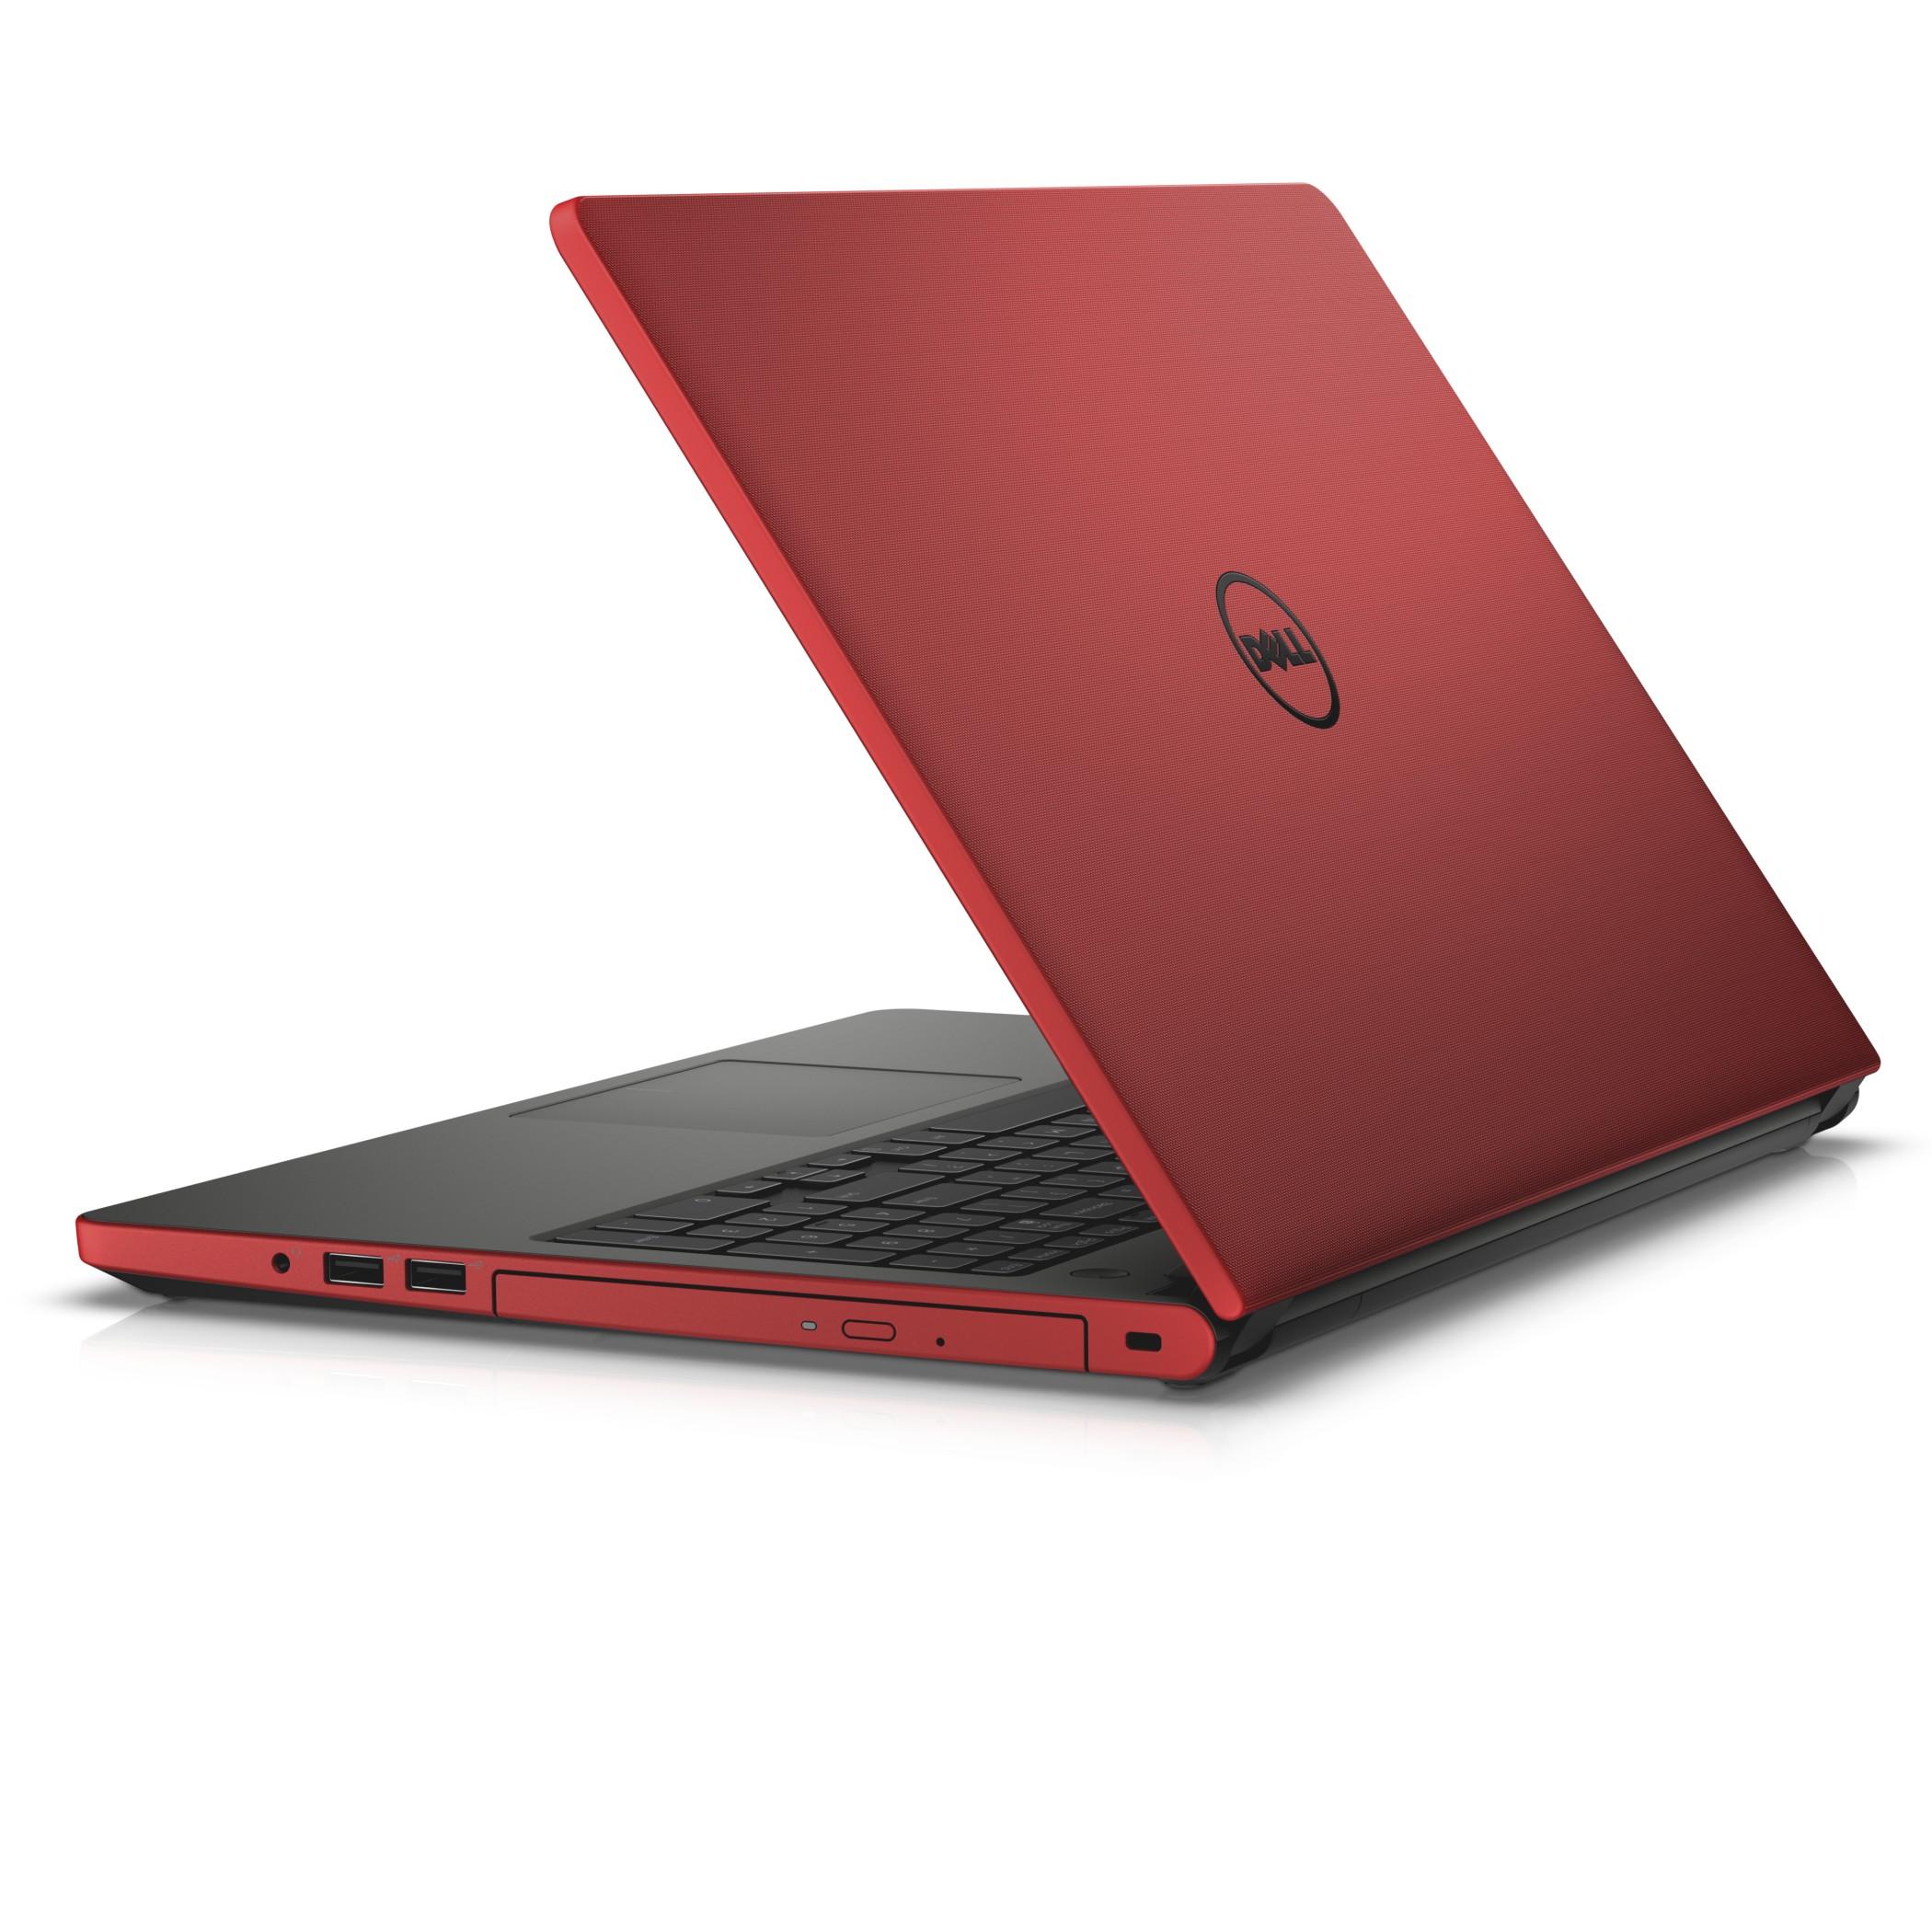 """Dell Inspiron 5559 15"""" HD i5-6200U/4G/1TB/M335-4G/MCR/HDMI/USB/RJ45/DVD/W10/2RNBD/Červený"""